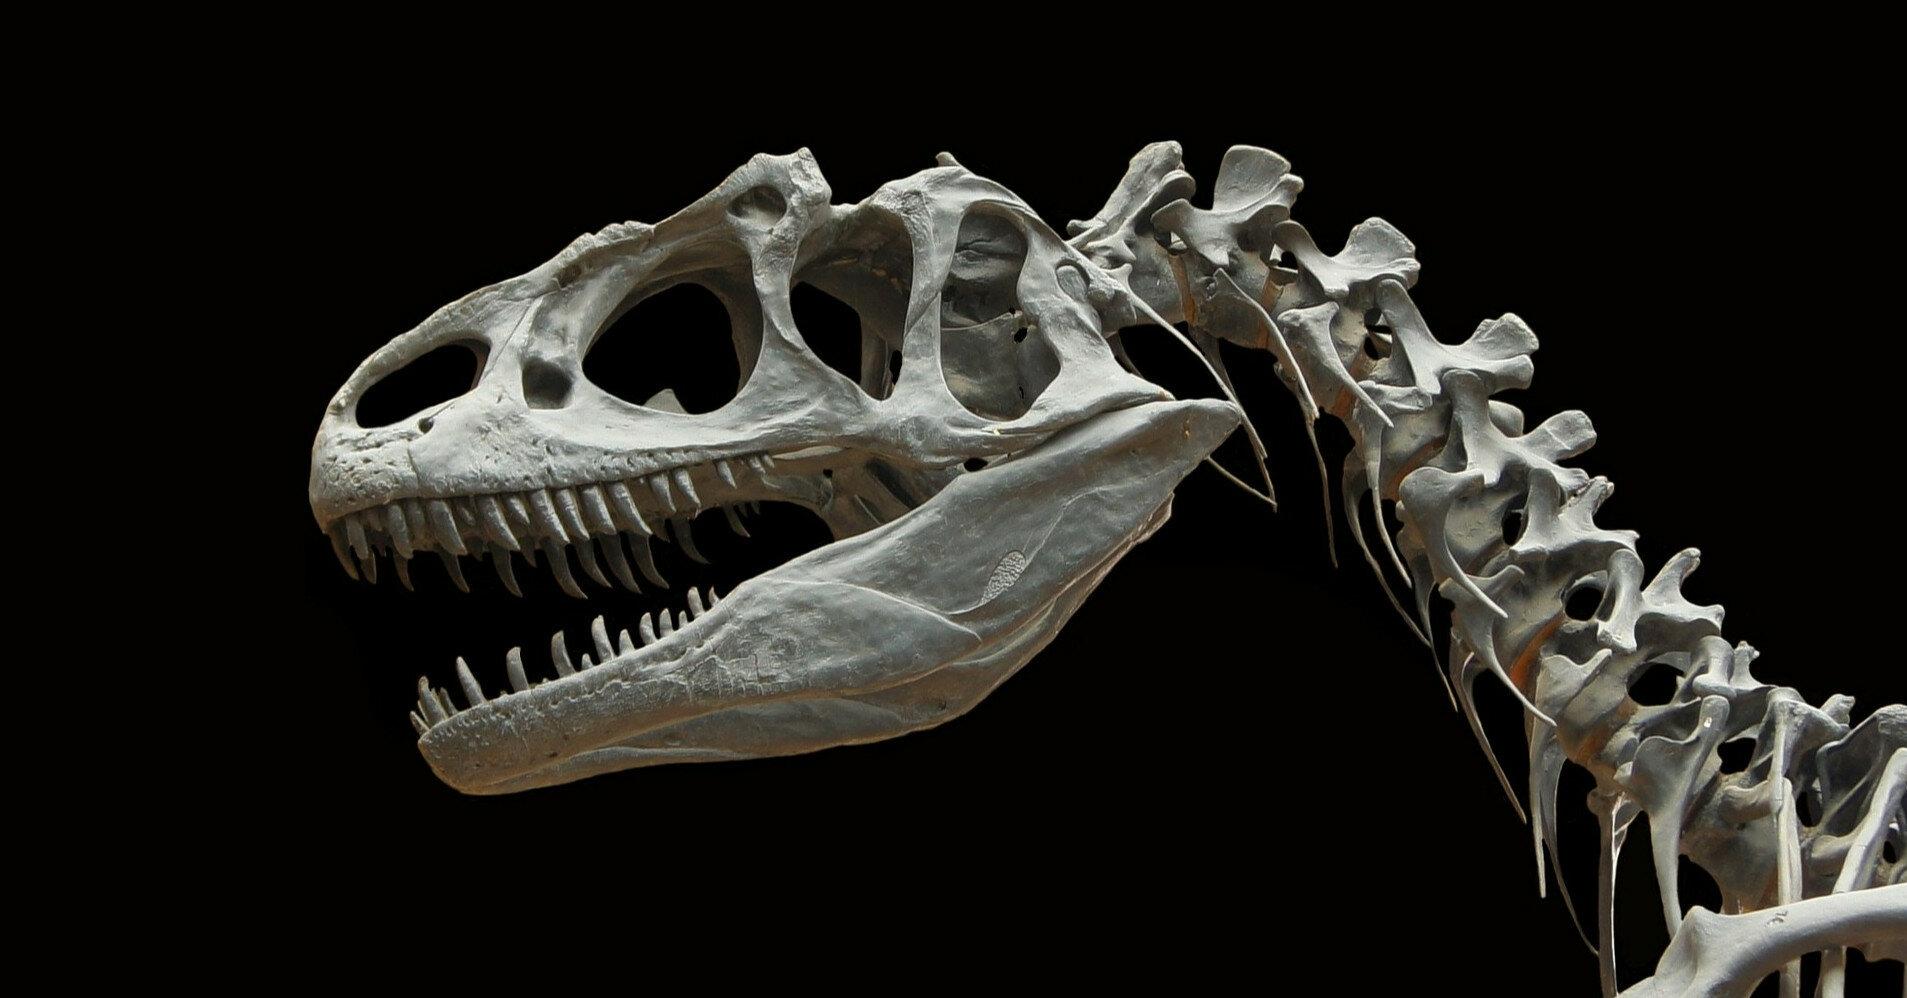 Ученые выяснили, что динозавры дышали по-разному